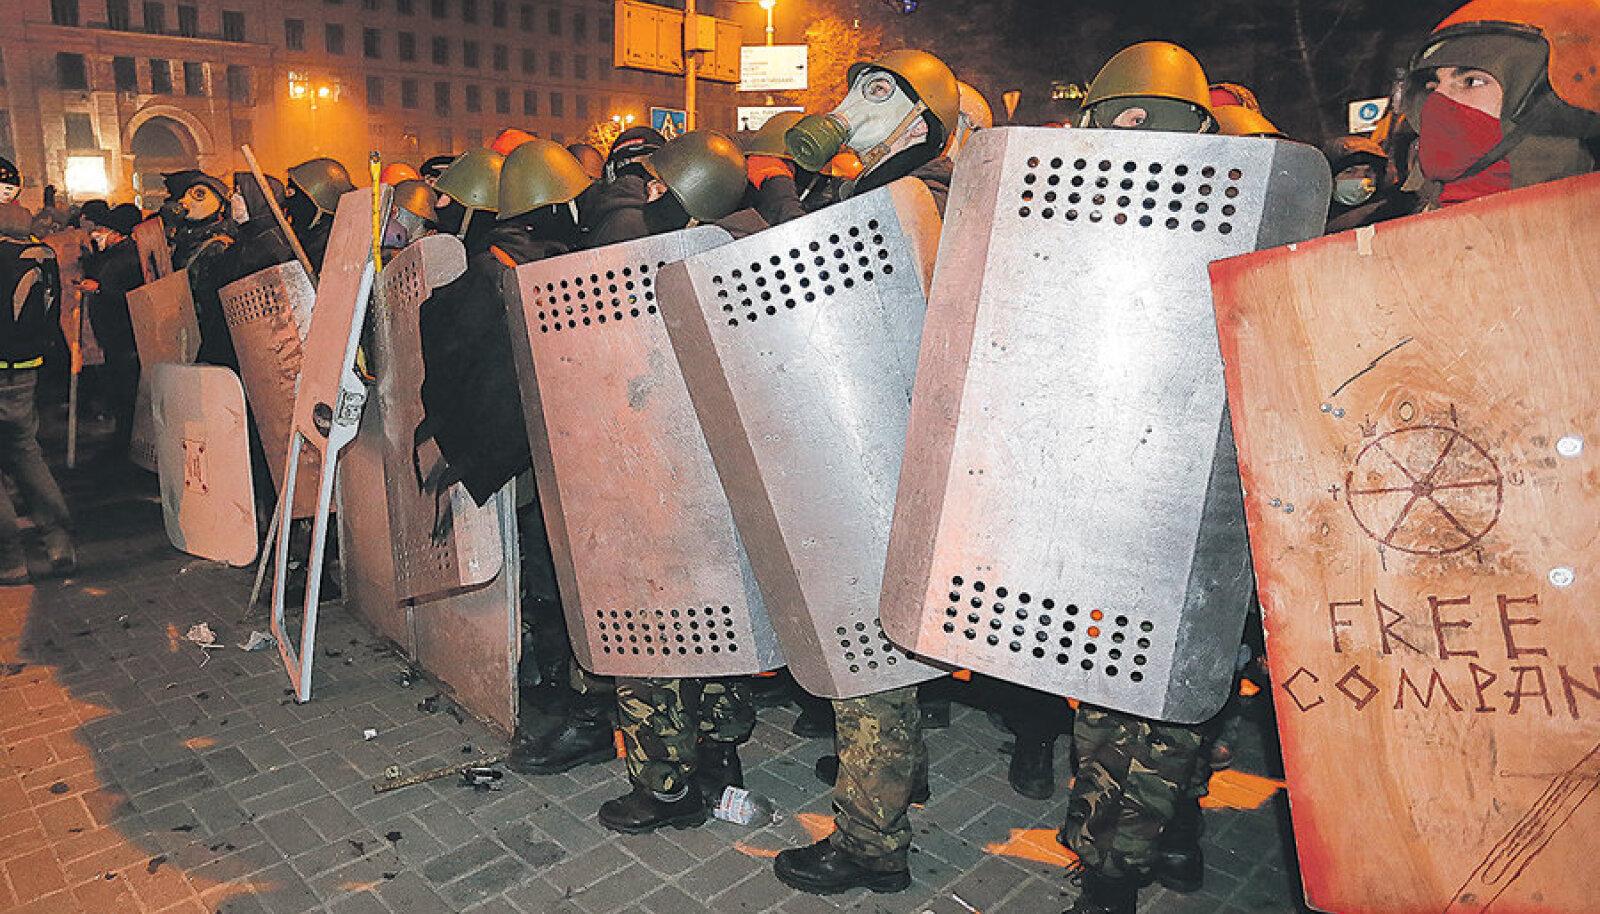 Kilpide taga ja kiivritega ei ole mitte politseinikud, vaid nendega kokkupõrkeks valmistunud meeleavaldajad.